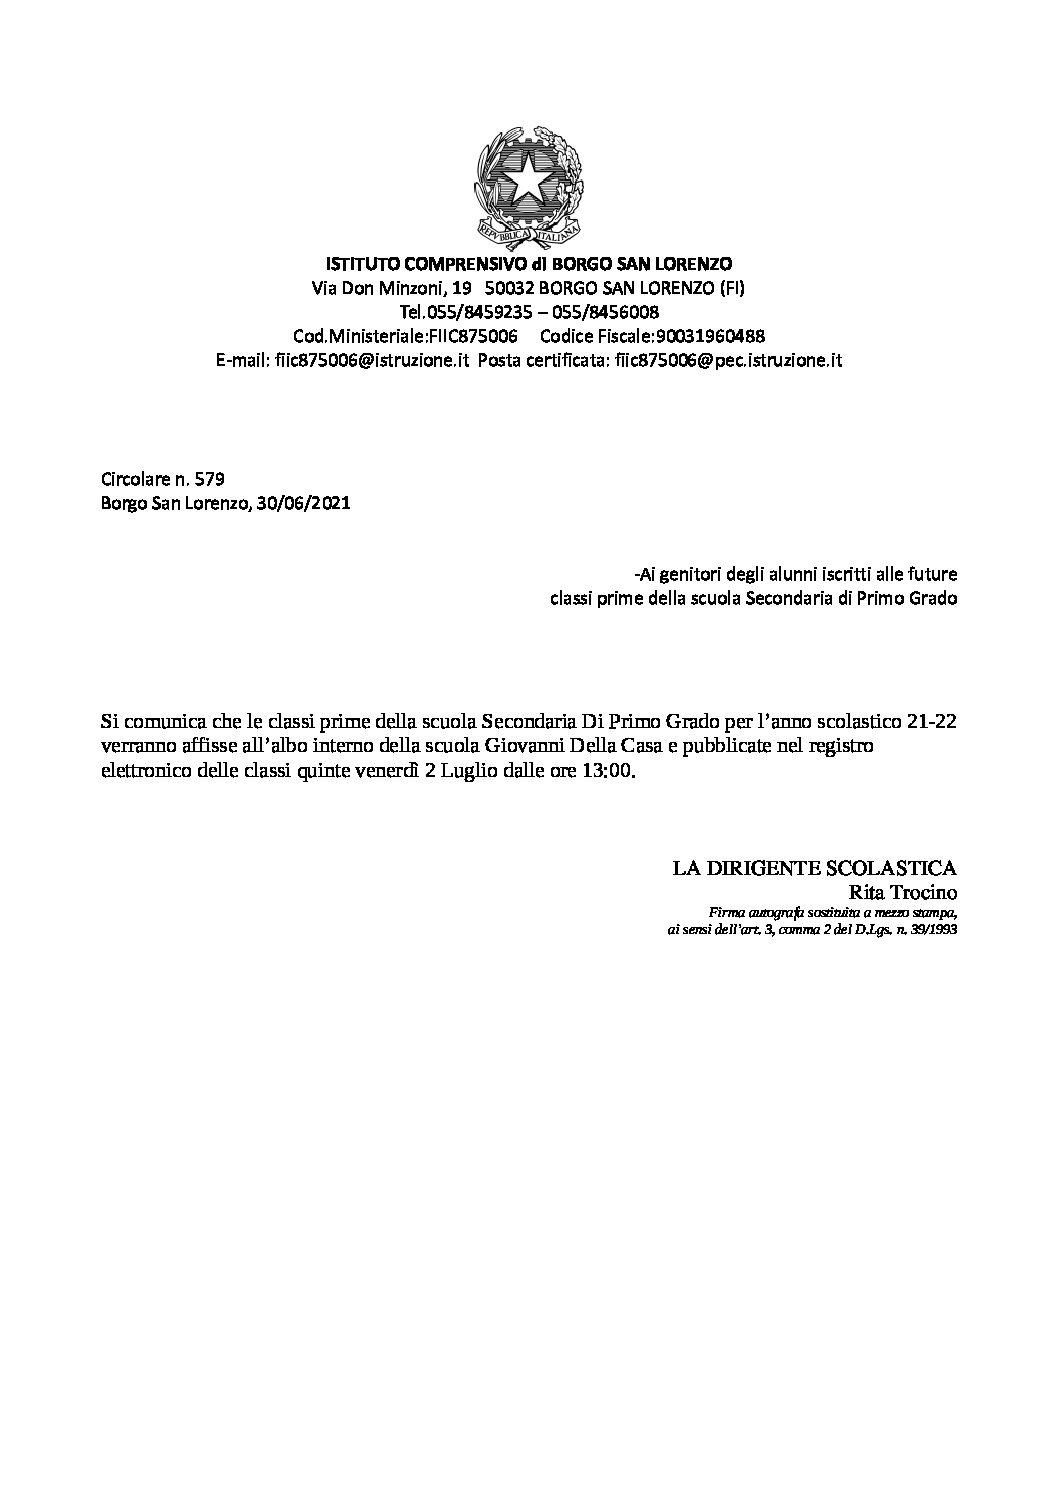 CIRCOLARE NR. 579 – COMUNICAZIONE CLASSI PRIME A.S. 21-22 SCUOLA SECONDARIA DI PRIMO GRADO